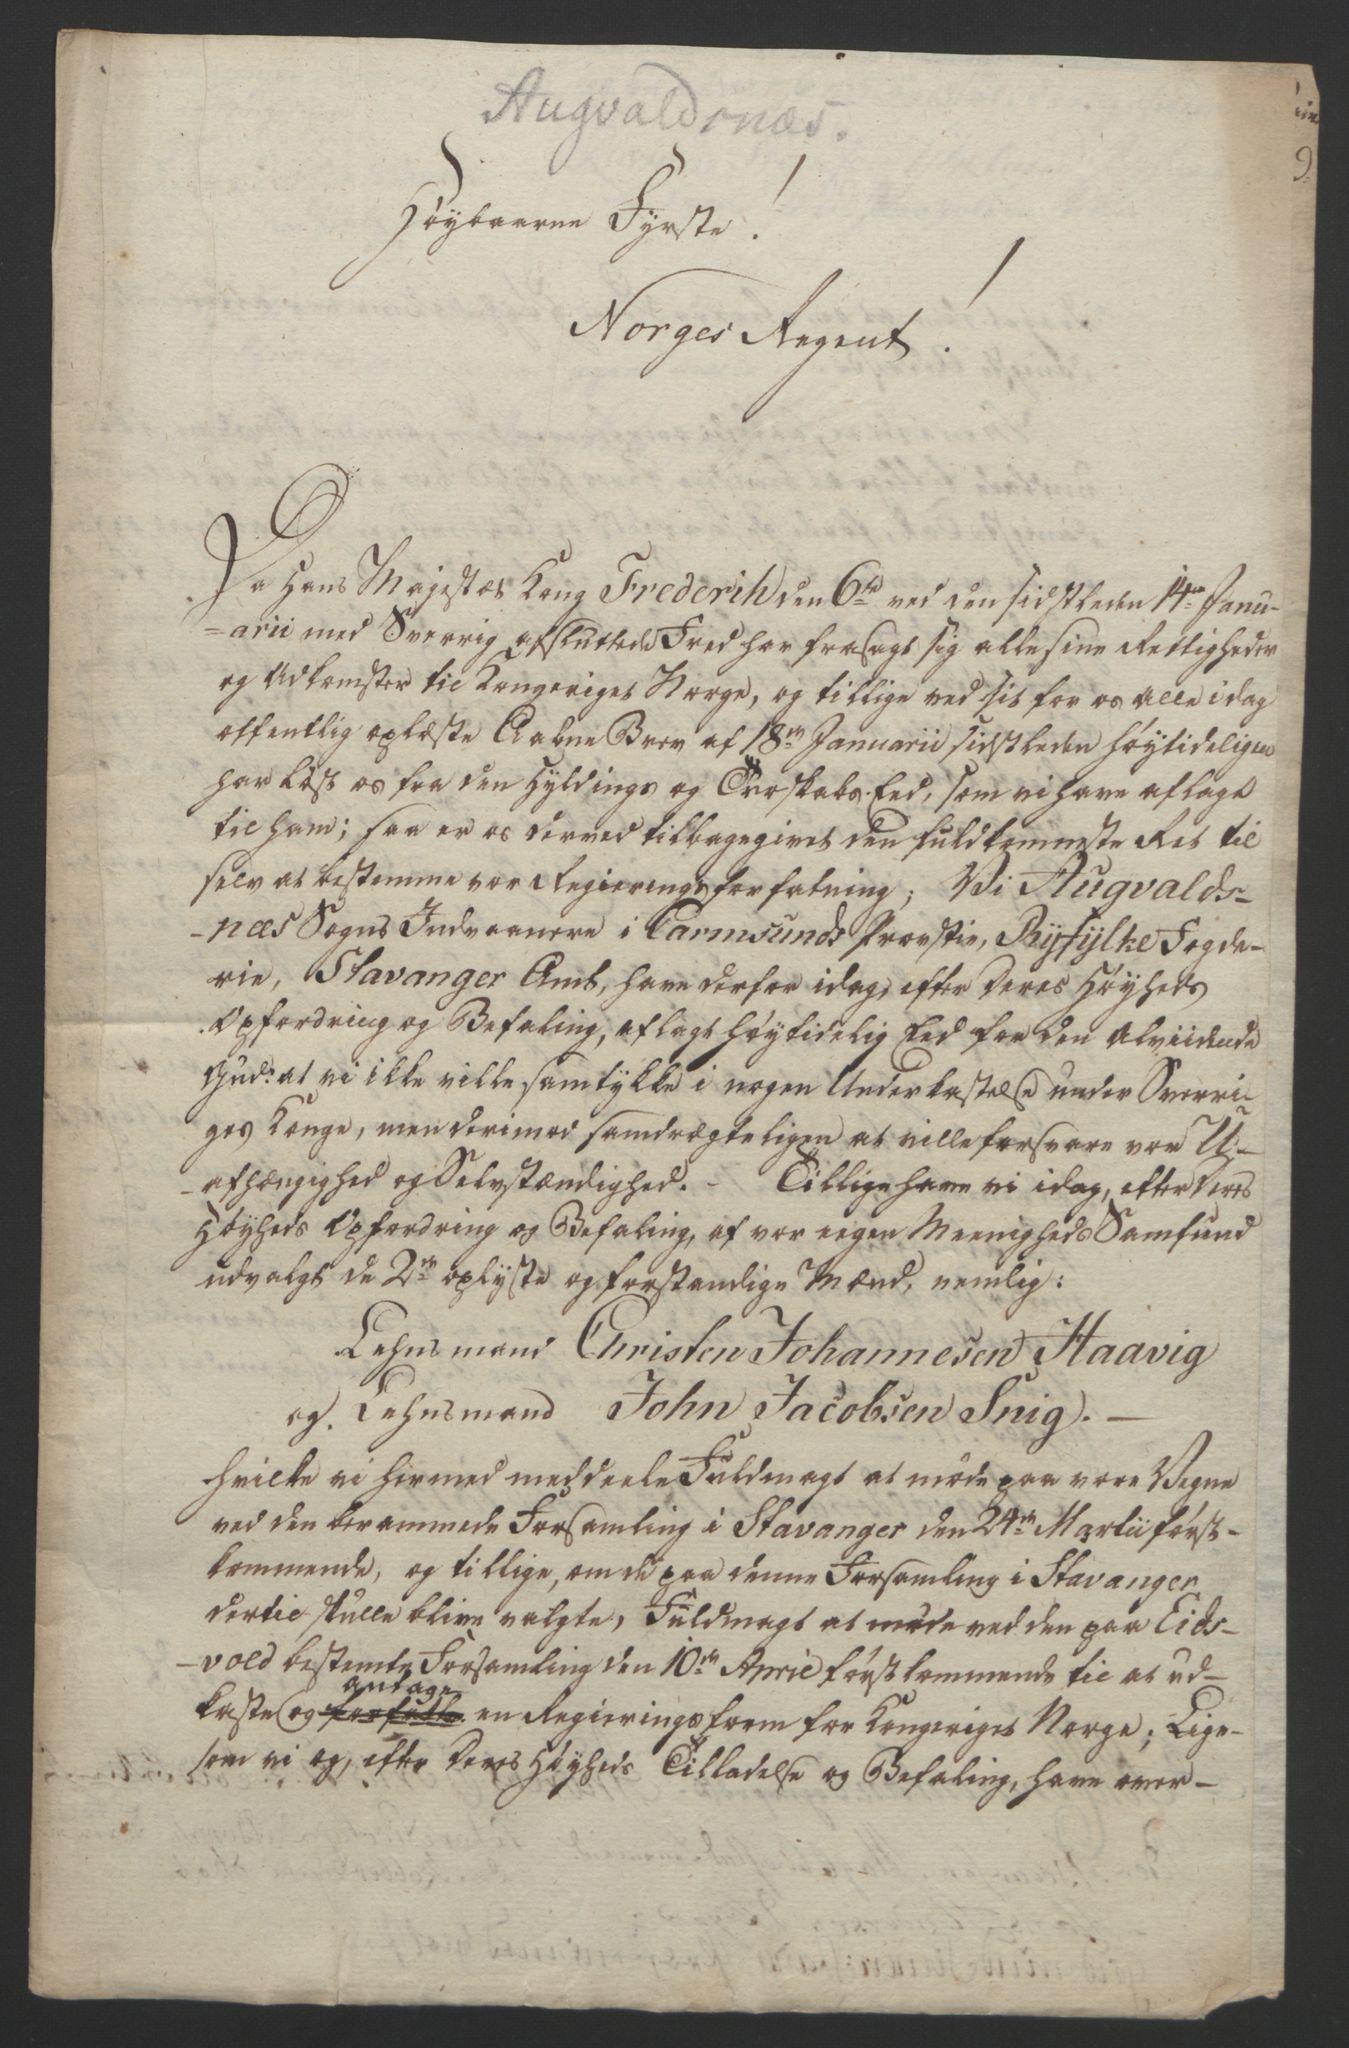 RA, Statsrådssekretariatet, D/Db/L0008: Fullmakter for Eidsvollsrepresentantene i 1814. , 1814, s. 202